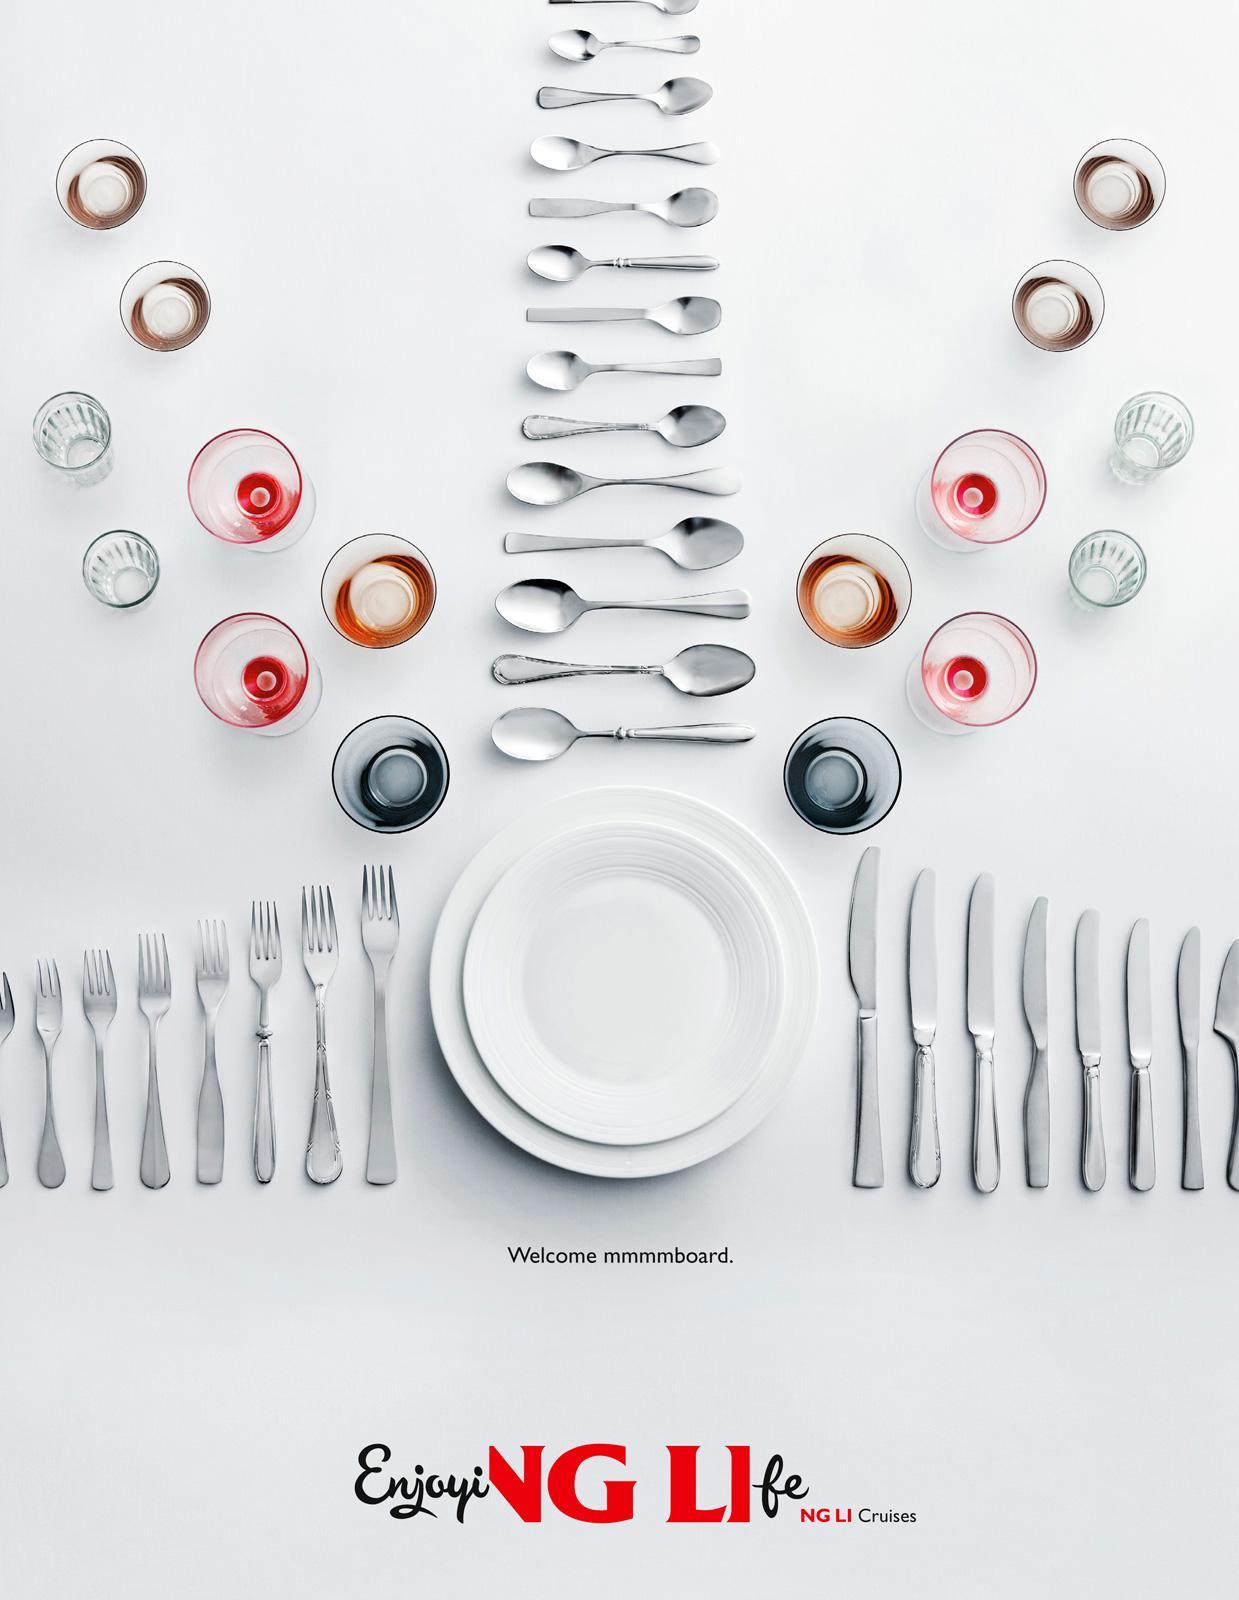 Vikign Line Print Ad -  Welcome mmmmboard